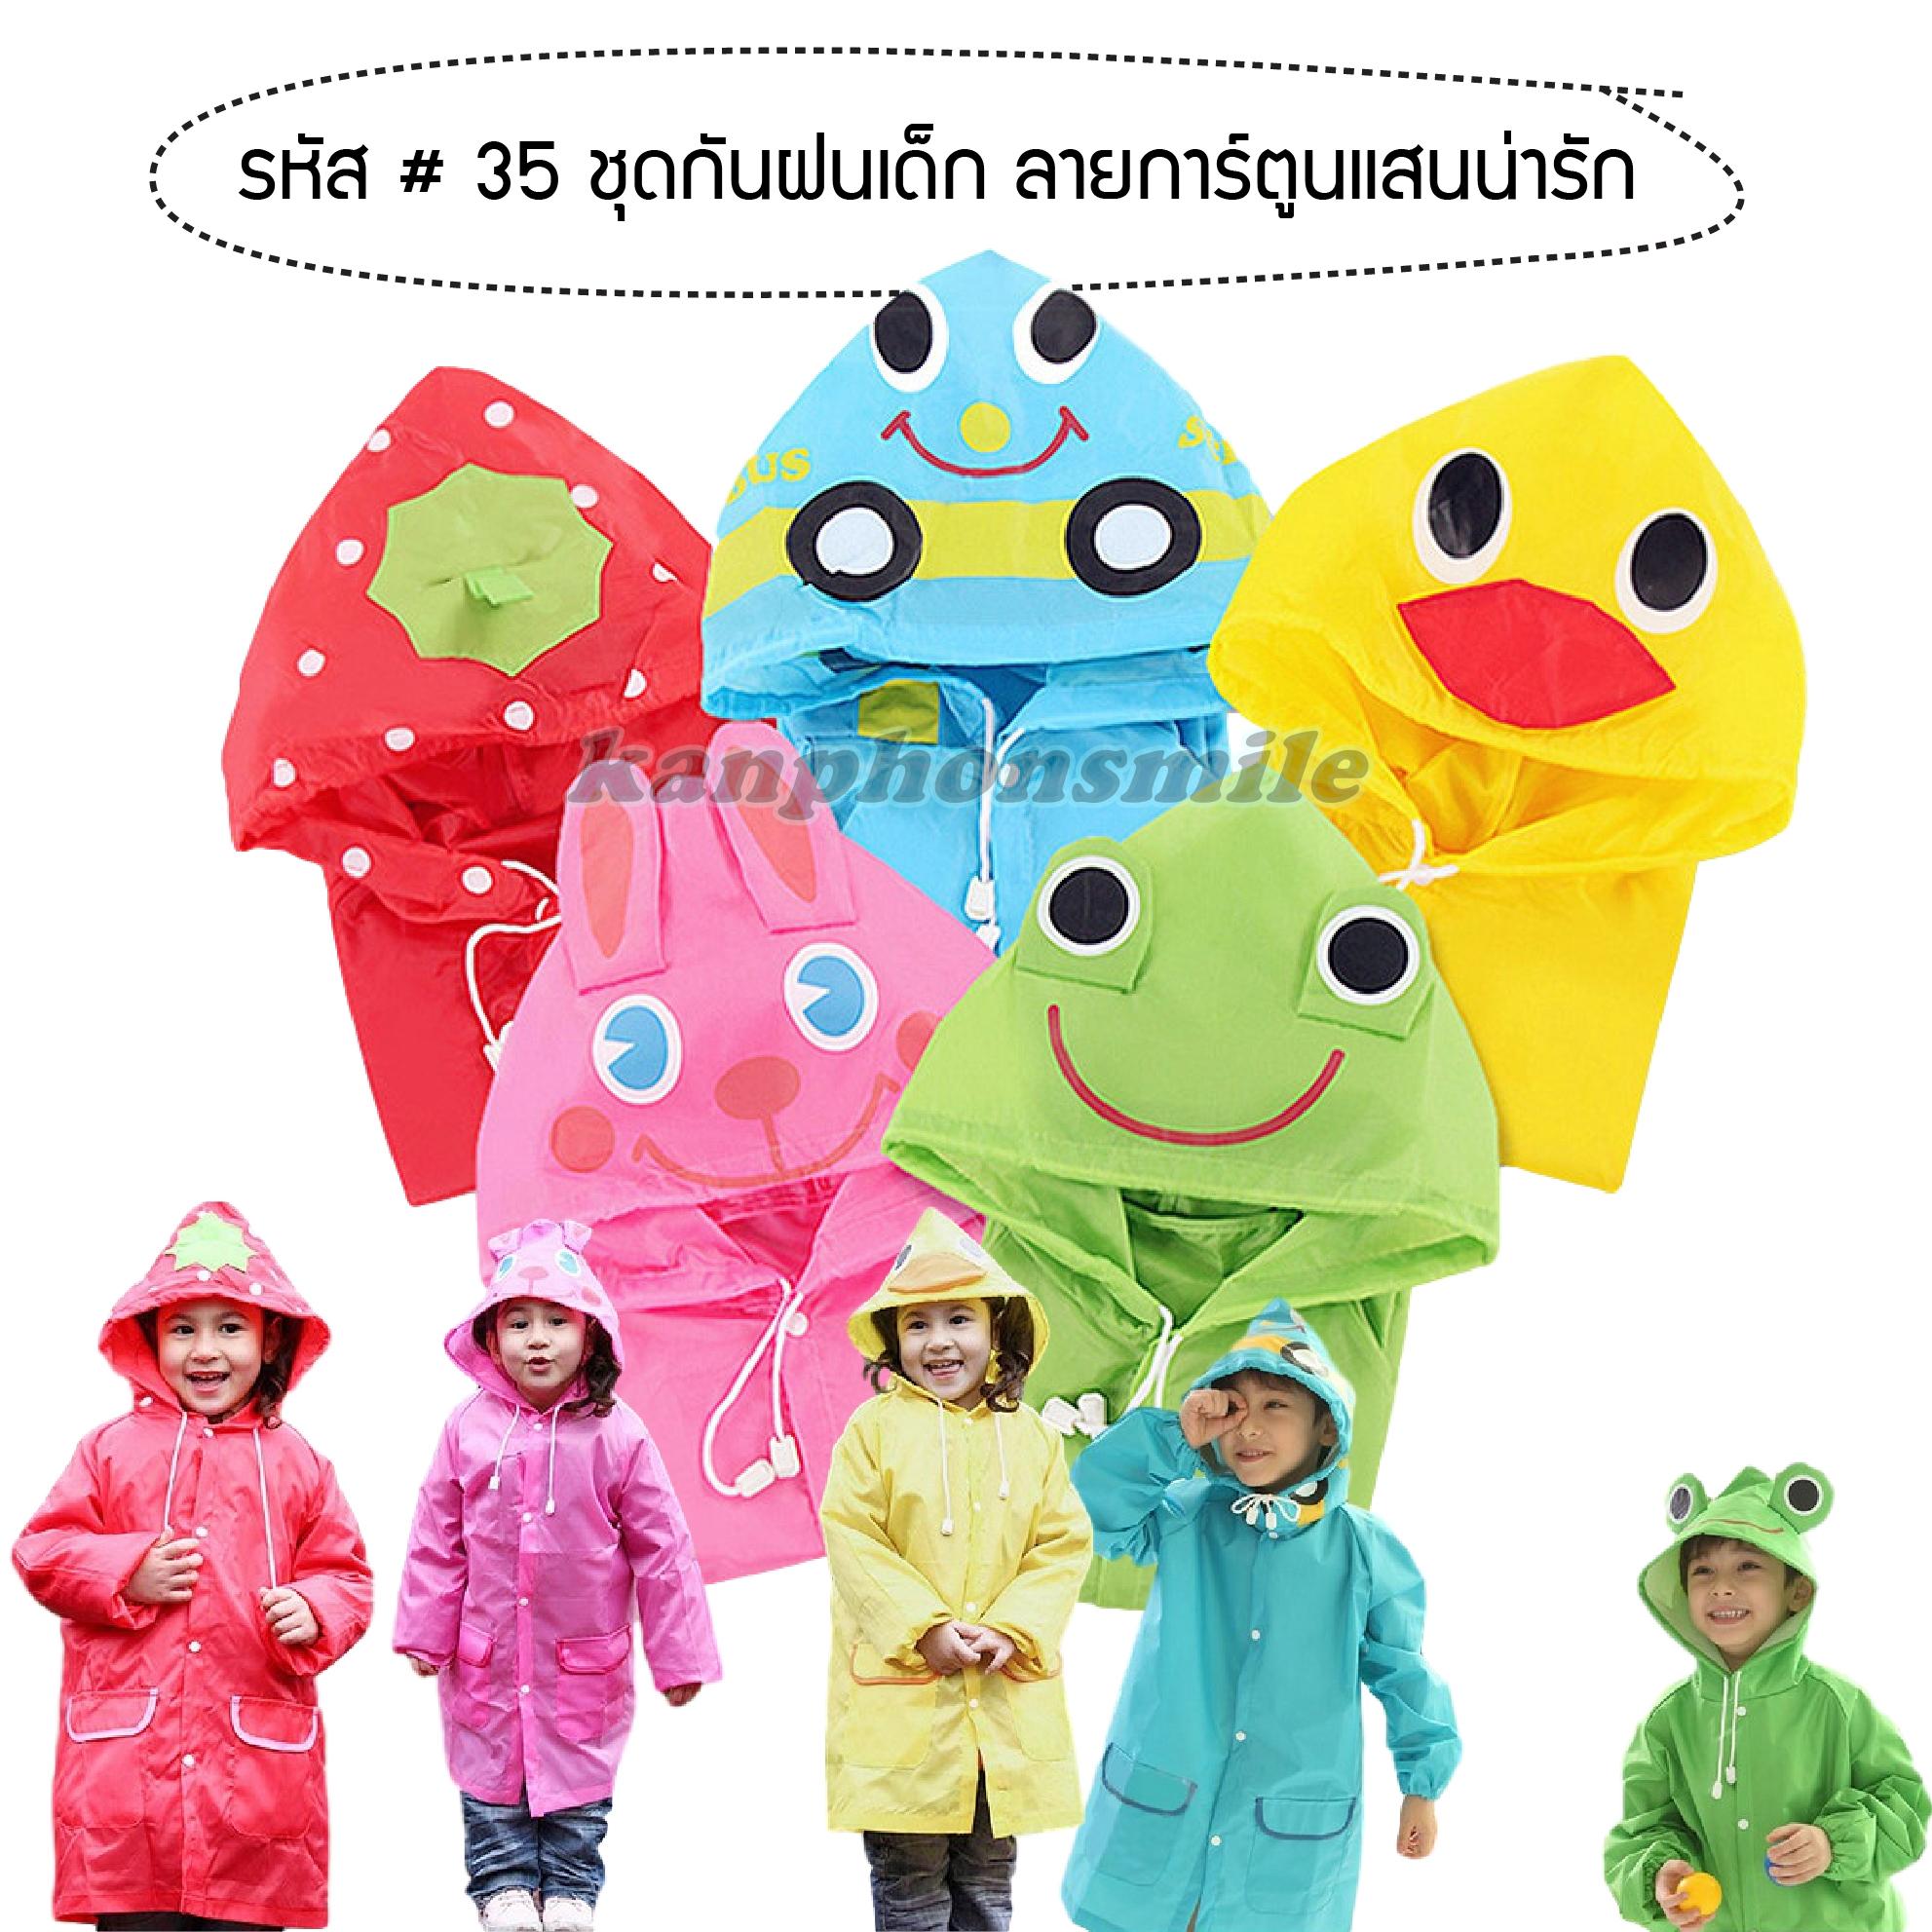 ชุดคลุมกันฝนเด็ก ลายการ์ตูนแสนน่ารัก